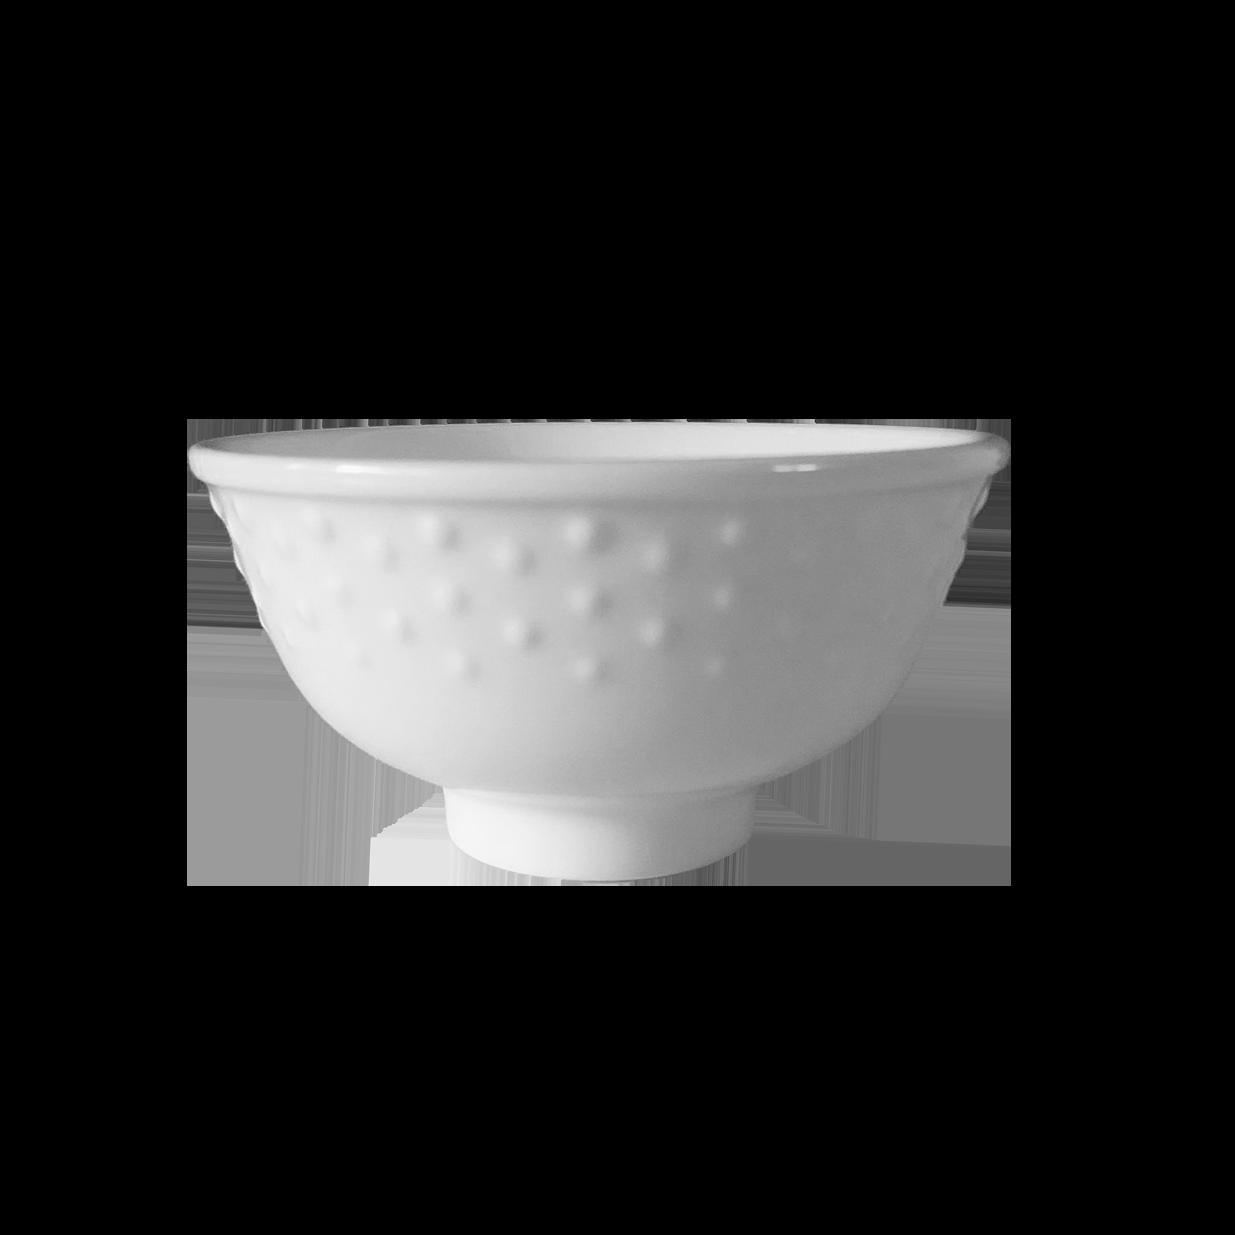 白瓷飯碗-銅盤花(Φ11.2 x 5.7 cm)飯碗 陶瓷碗 圓碗 - 外星人餐具